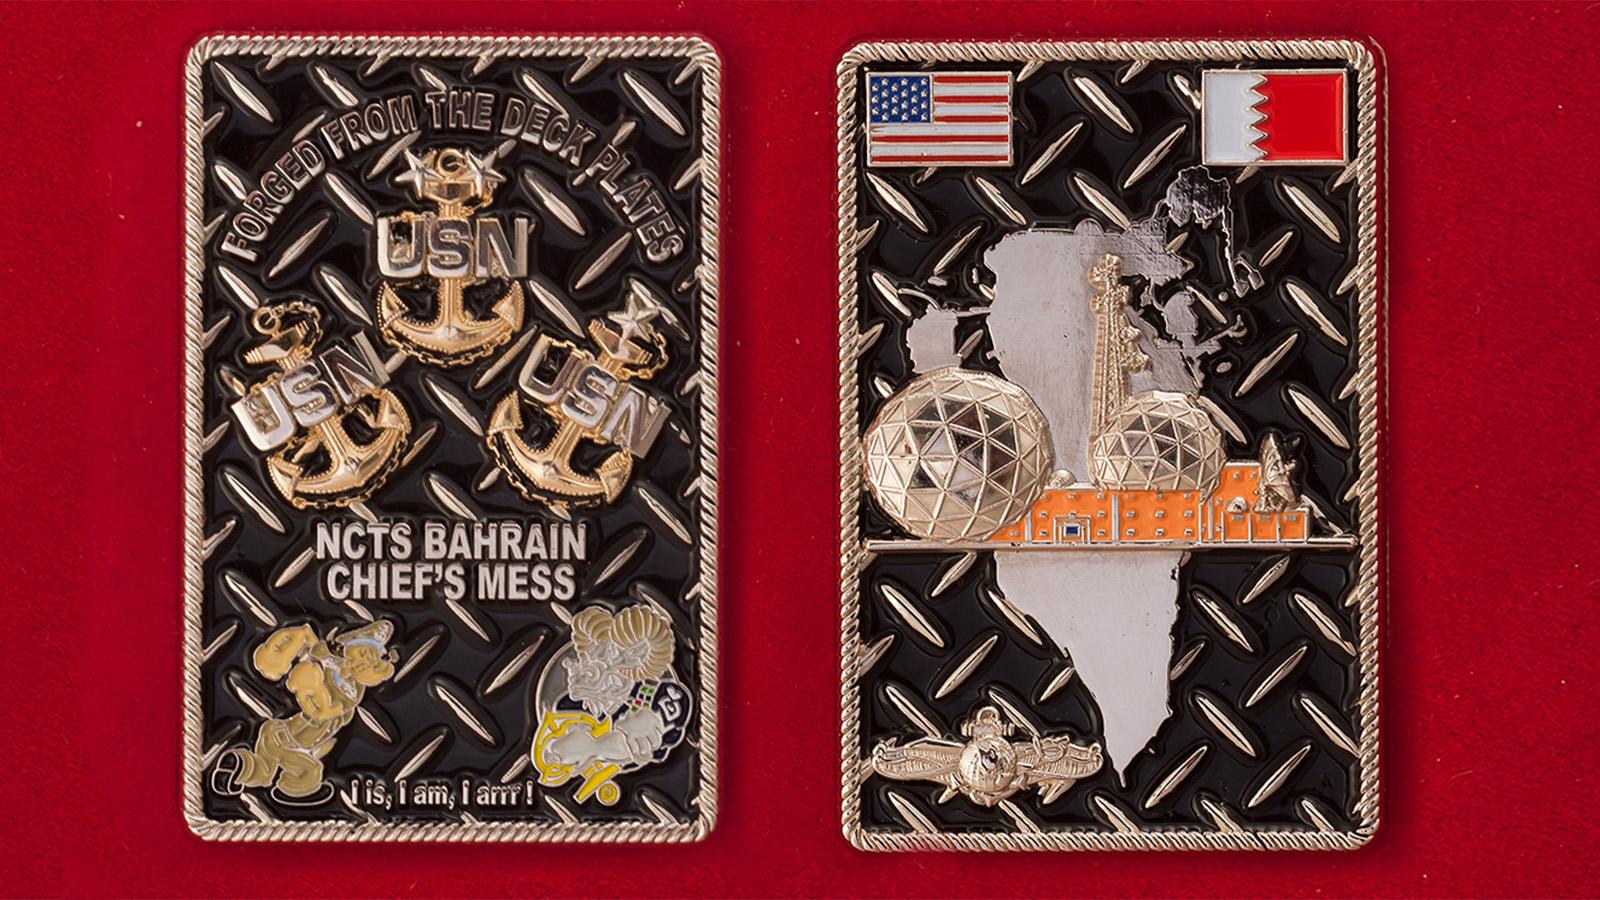 Челлендж коин командного состава Морской компьютерной и навигационной станции связи ВМС США в Бахрейне - аверс и реверс